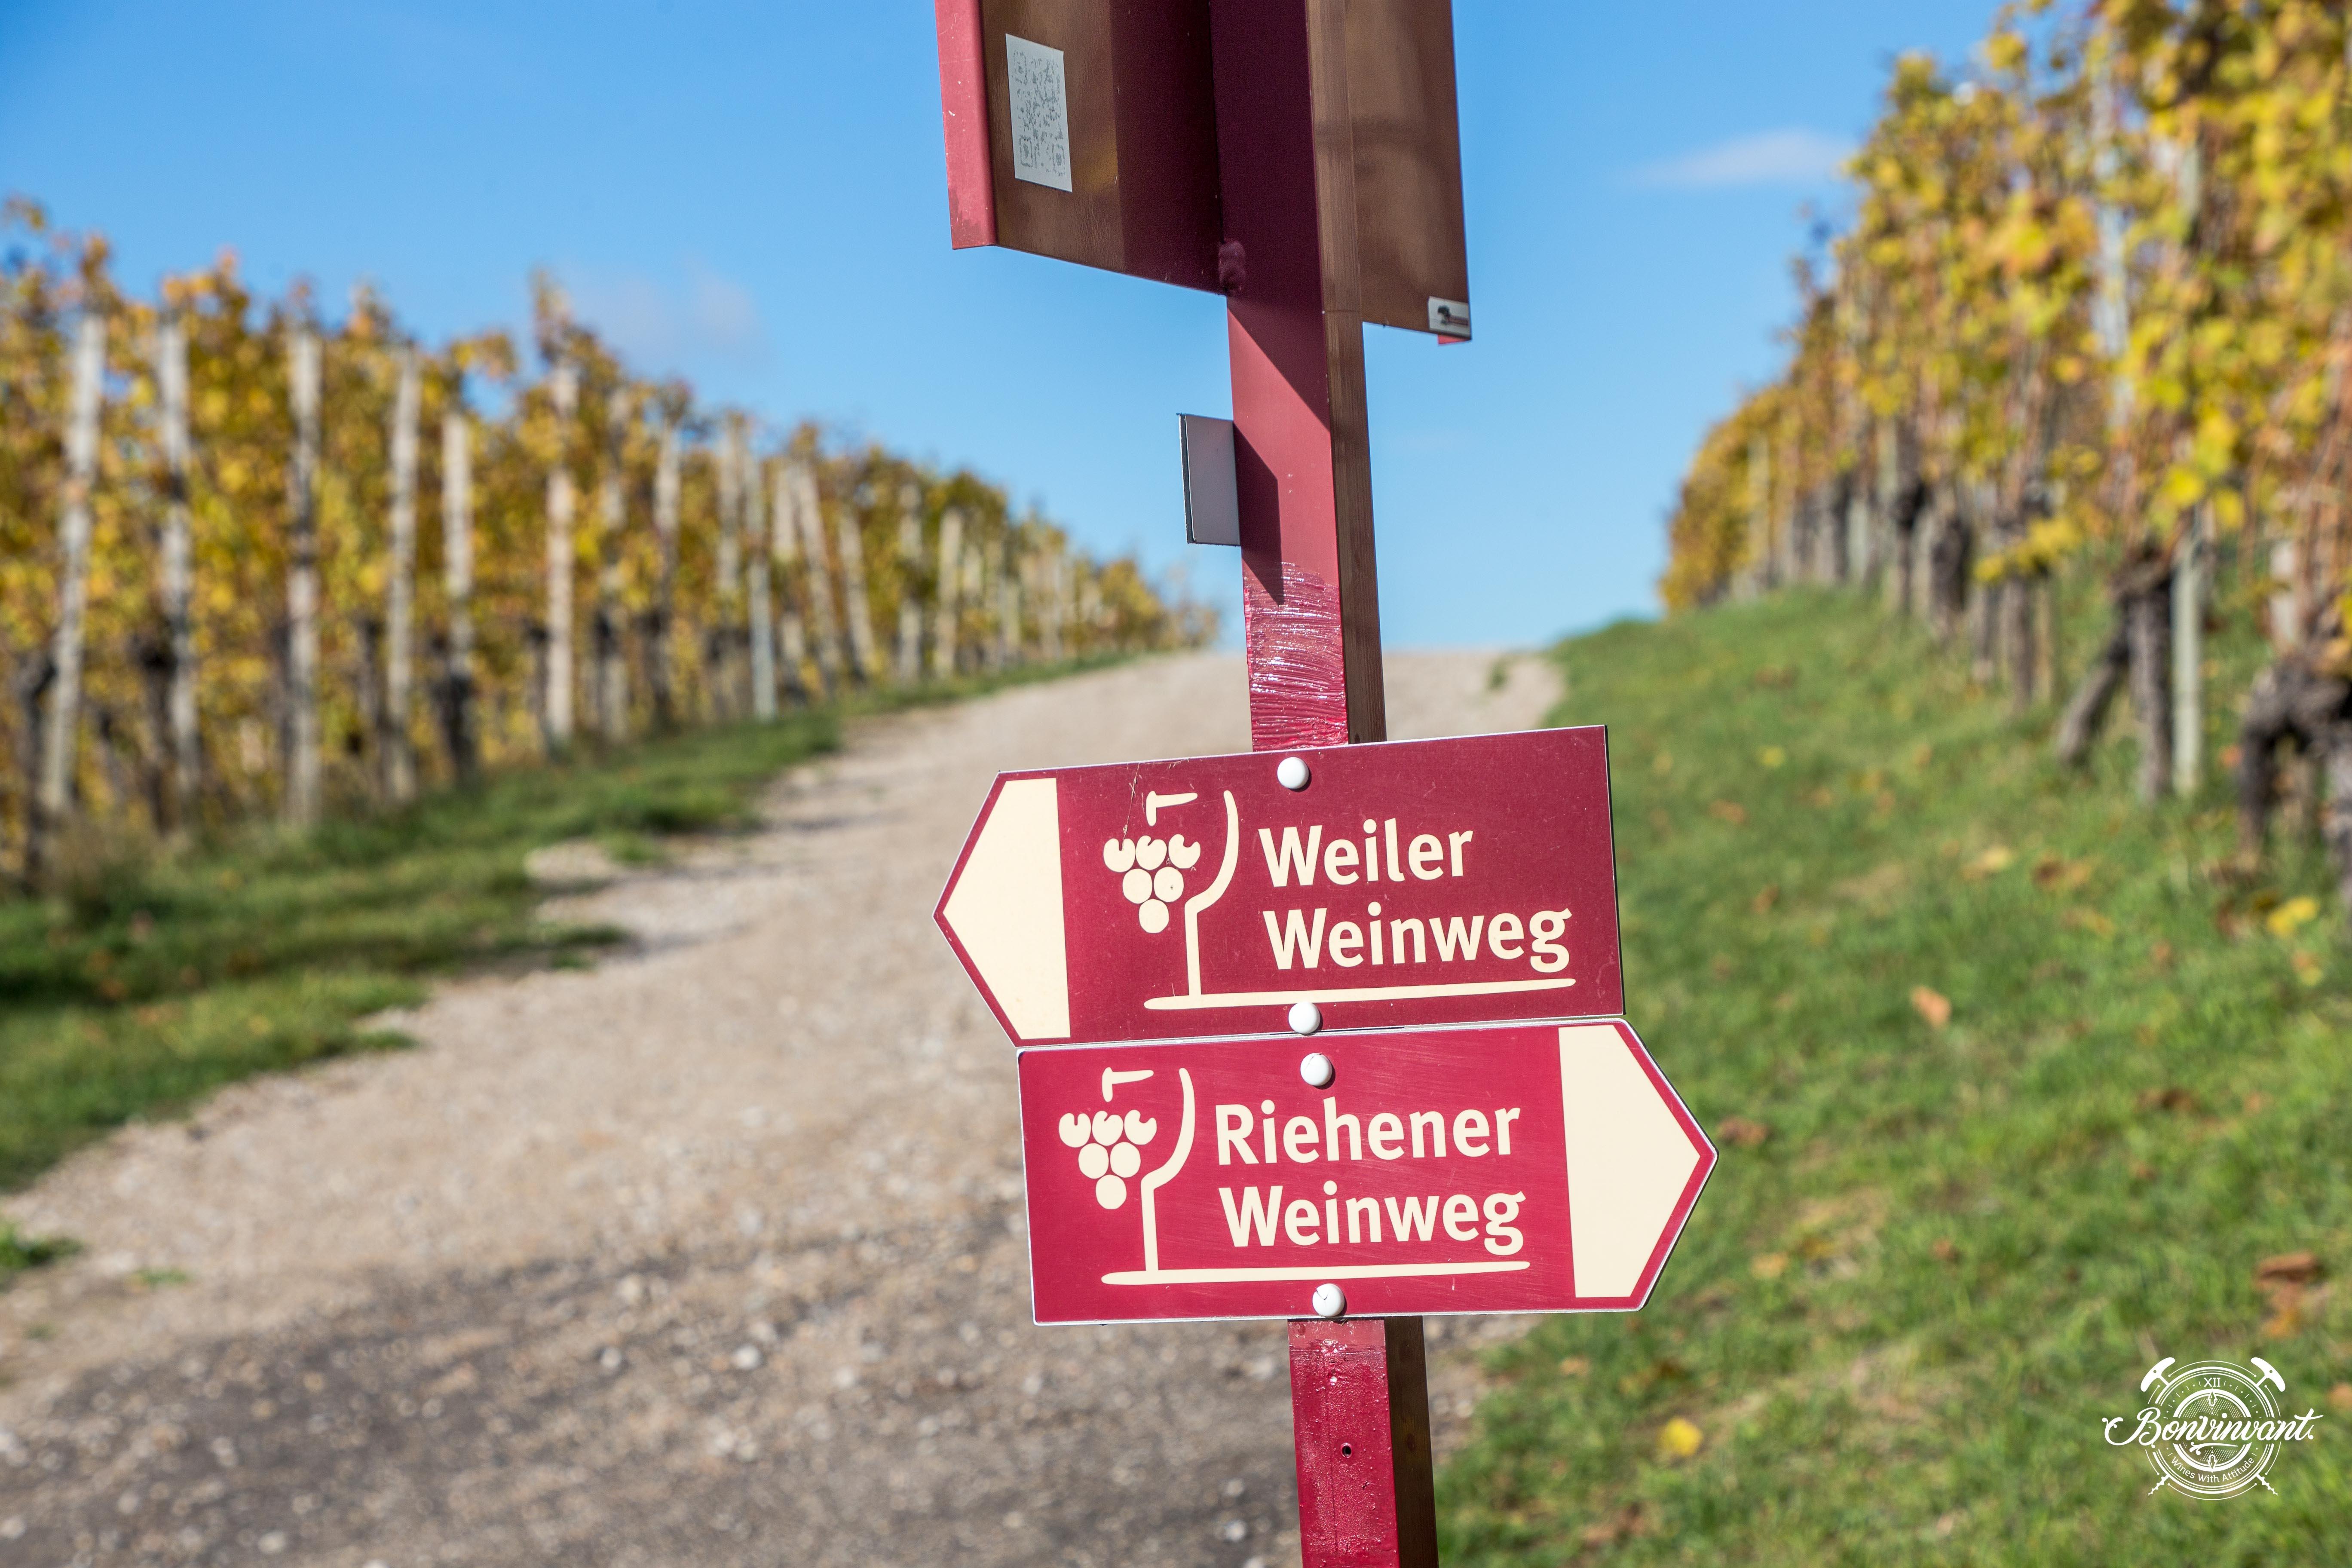 Weiler_Schlipf_08.11.2018_BVNT_web-23